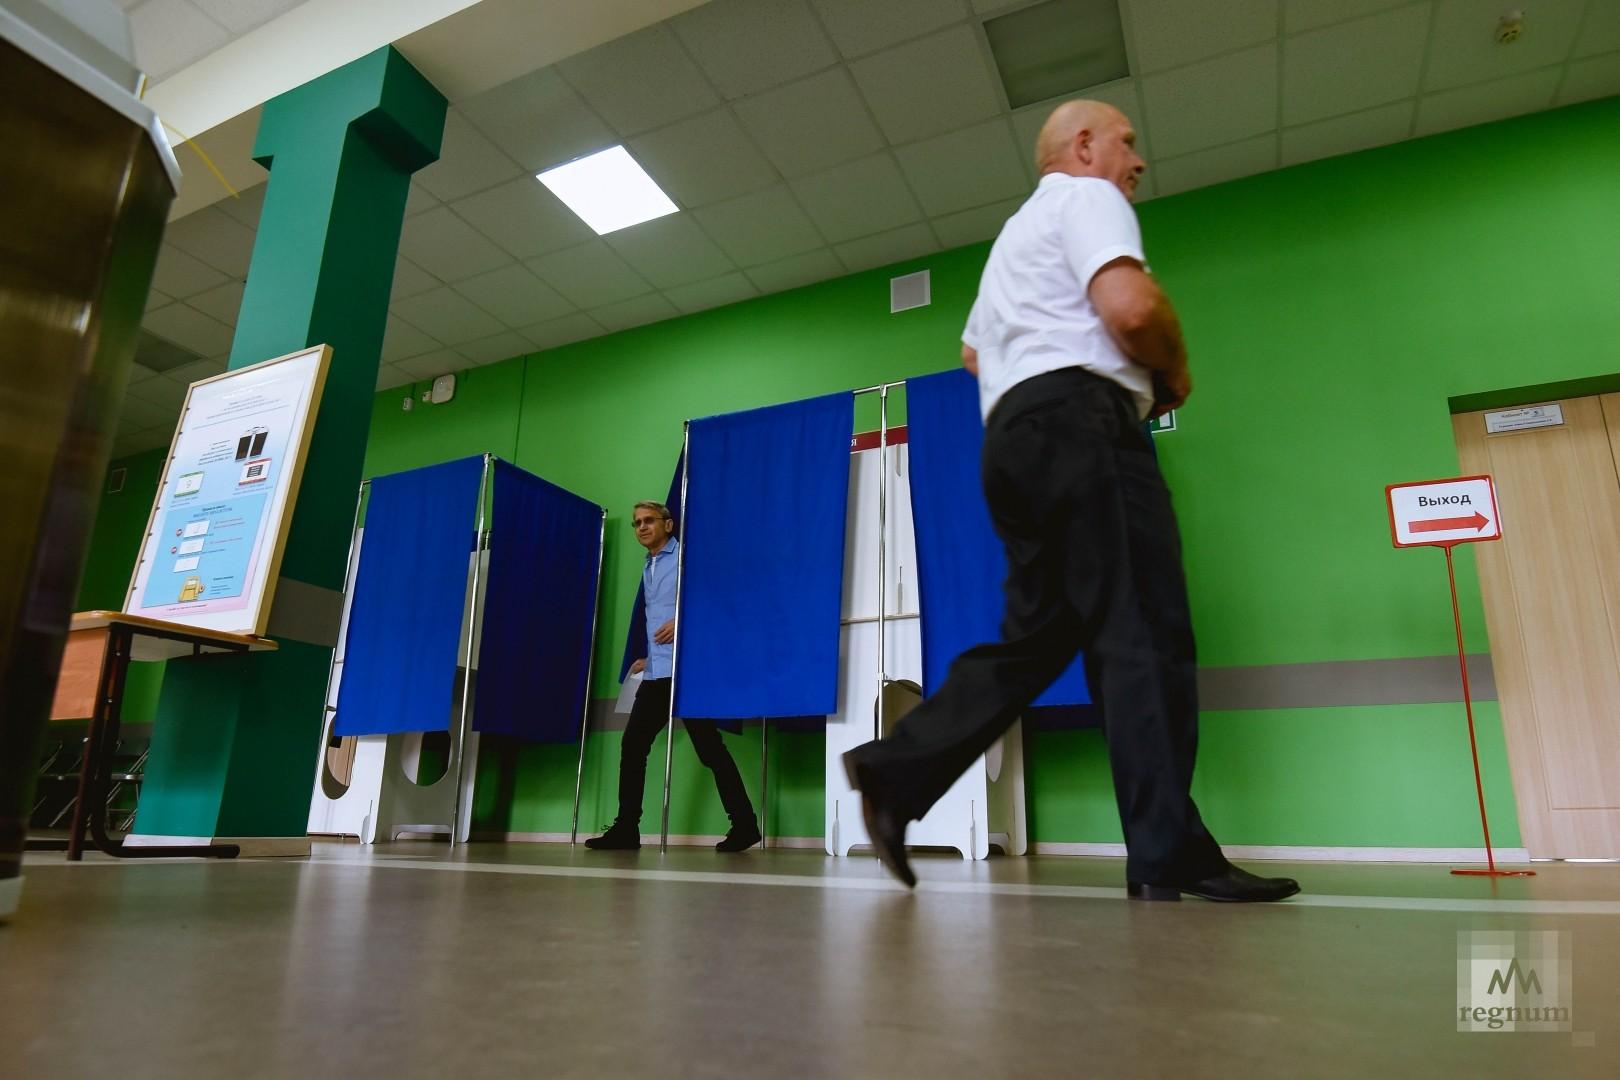 Đảng Nước Nga Thống nhất mất gần nửa số ghế ở Moskva